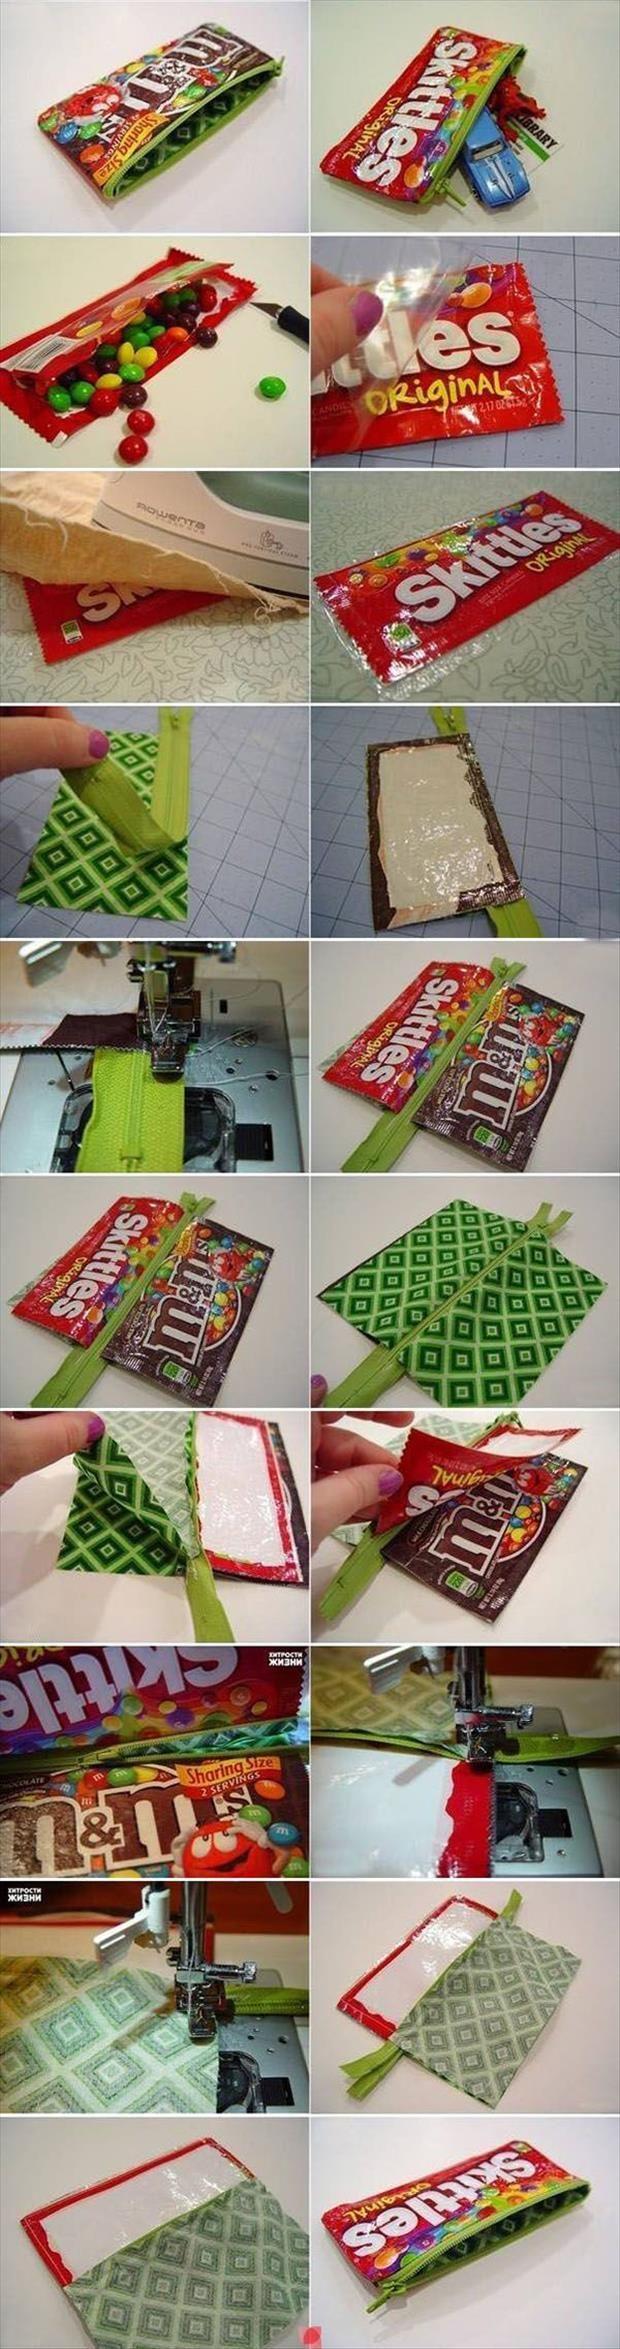 een pennenzak: wat heb je nodig? een leeg snoep zakje en tape. wat je doet eet je snoepjes op en pak je tape er bij beplak het snoepzakje met de tape. Zoek een paar pennen en je pennenzak is klaar